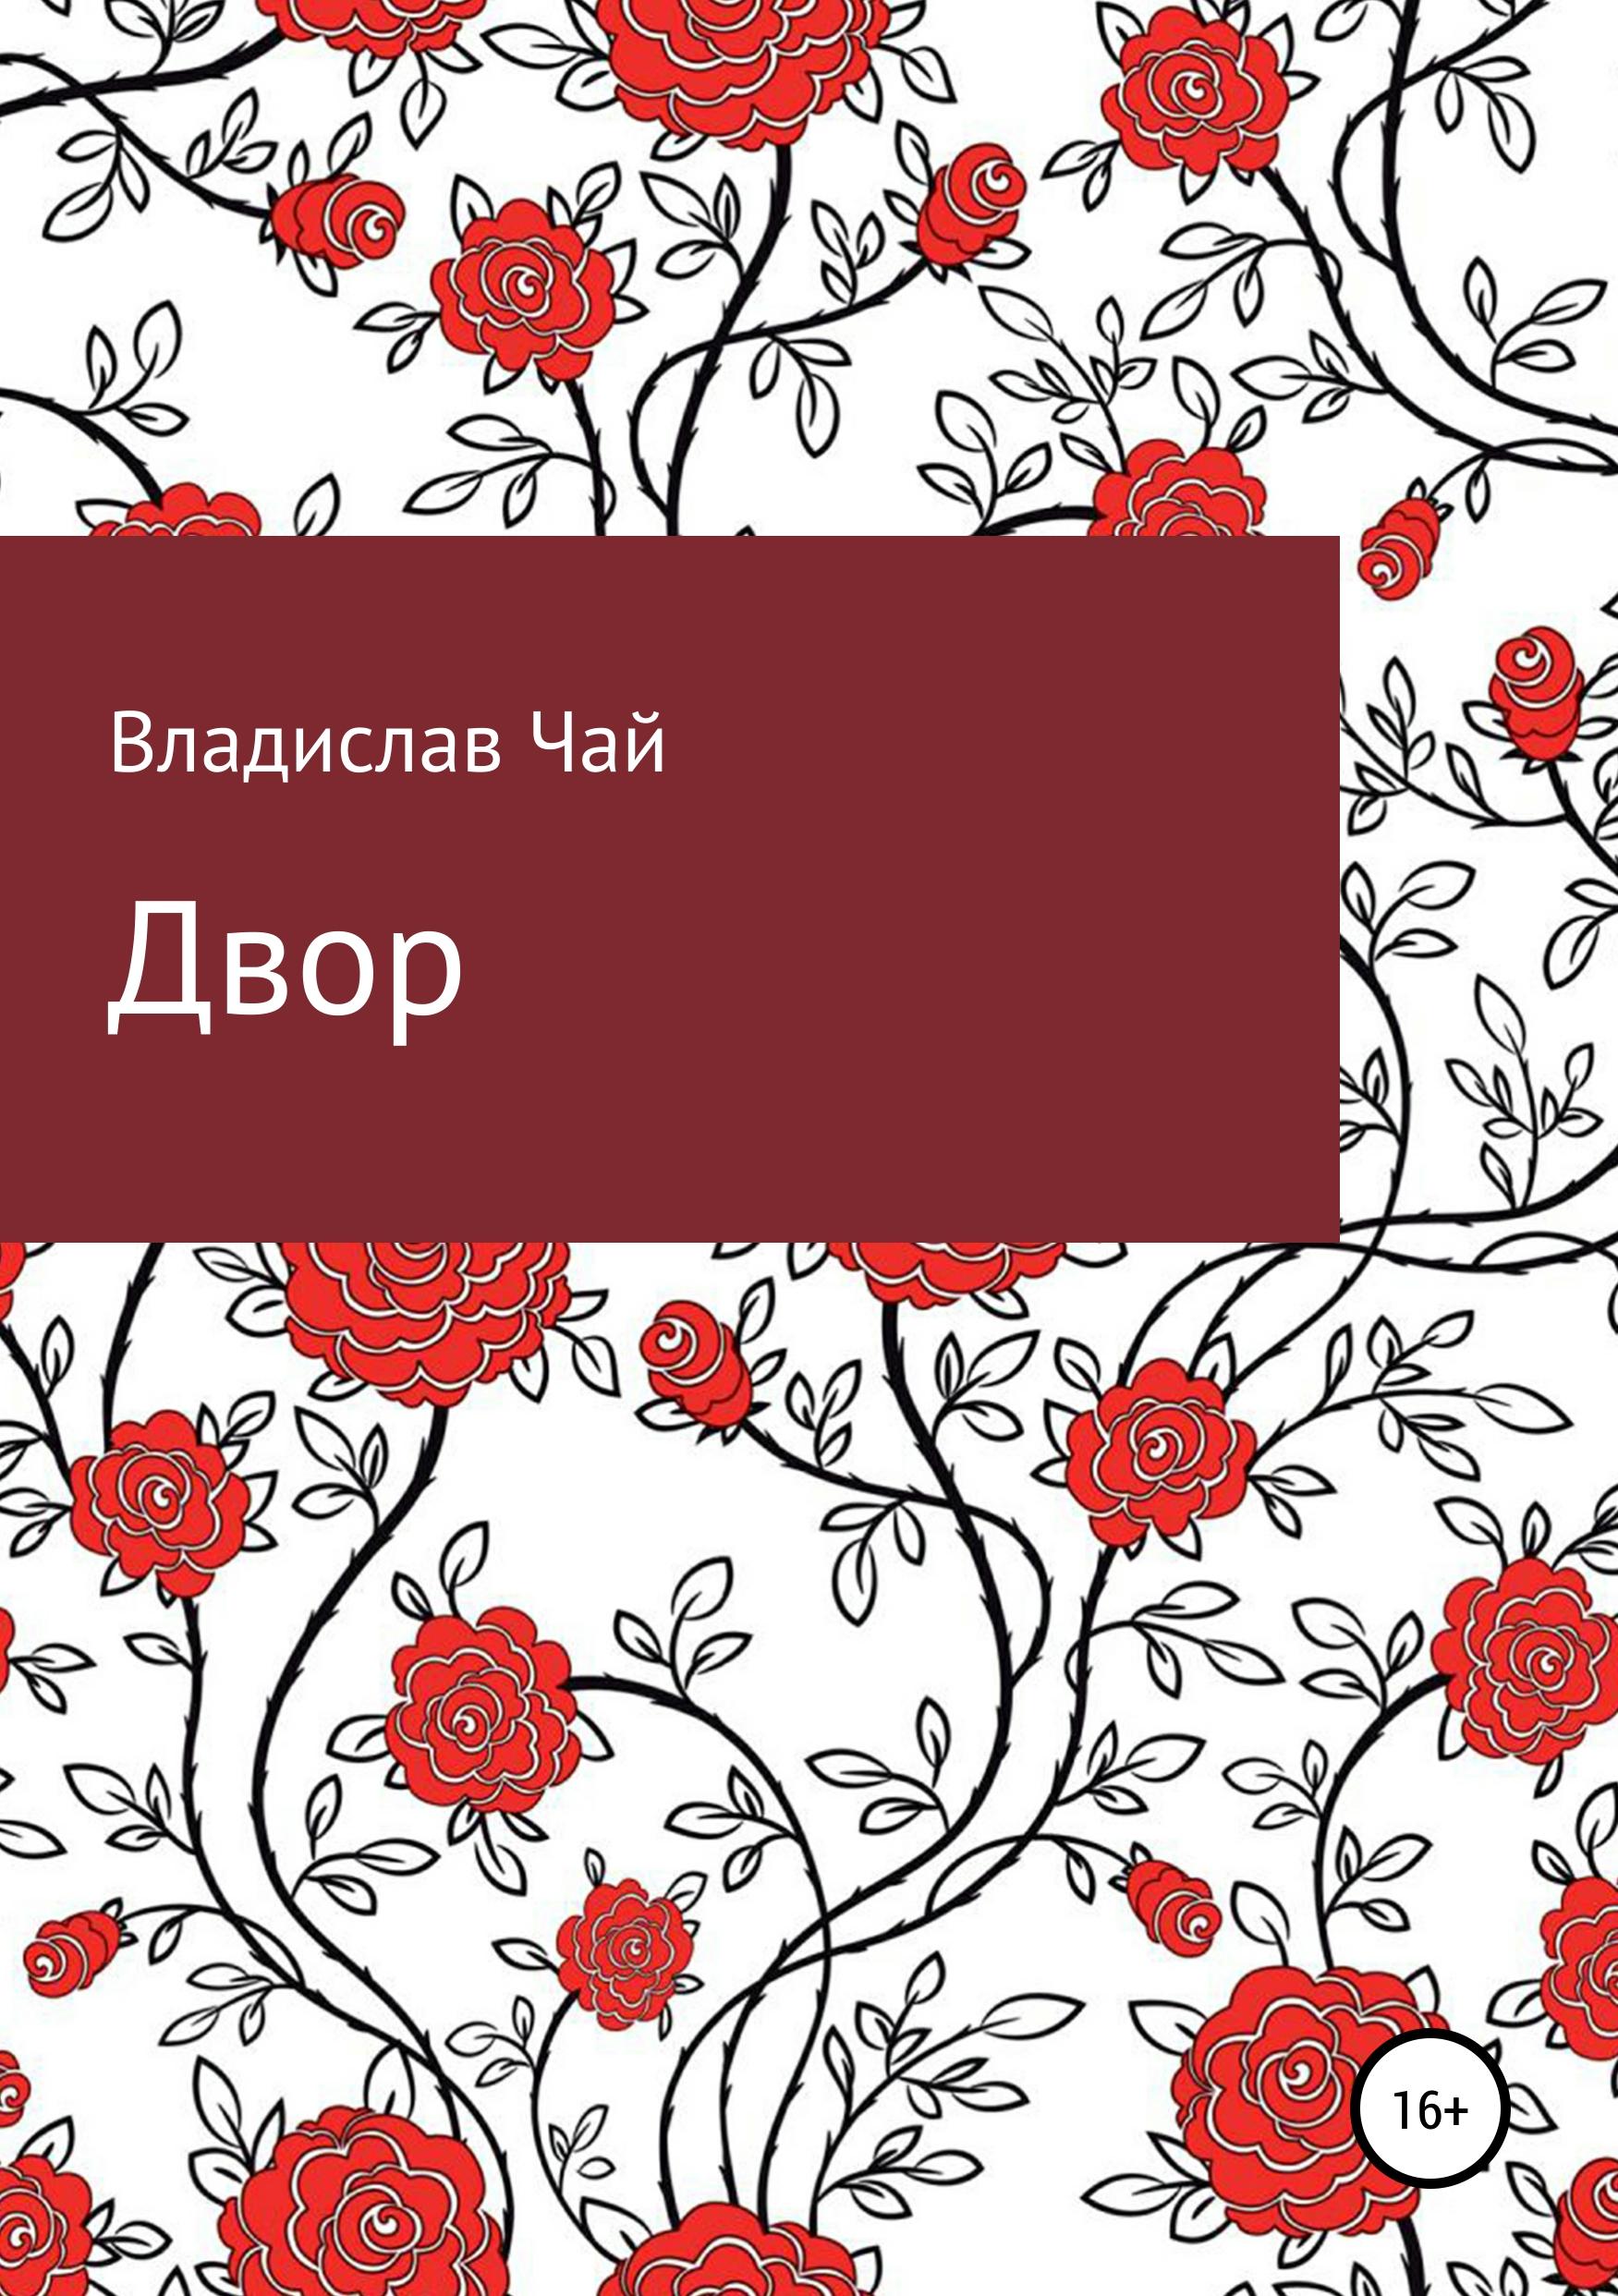 Владислав Андреевич Чай Двор владислав андреевич неустроев peter